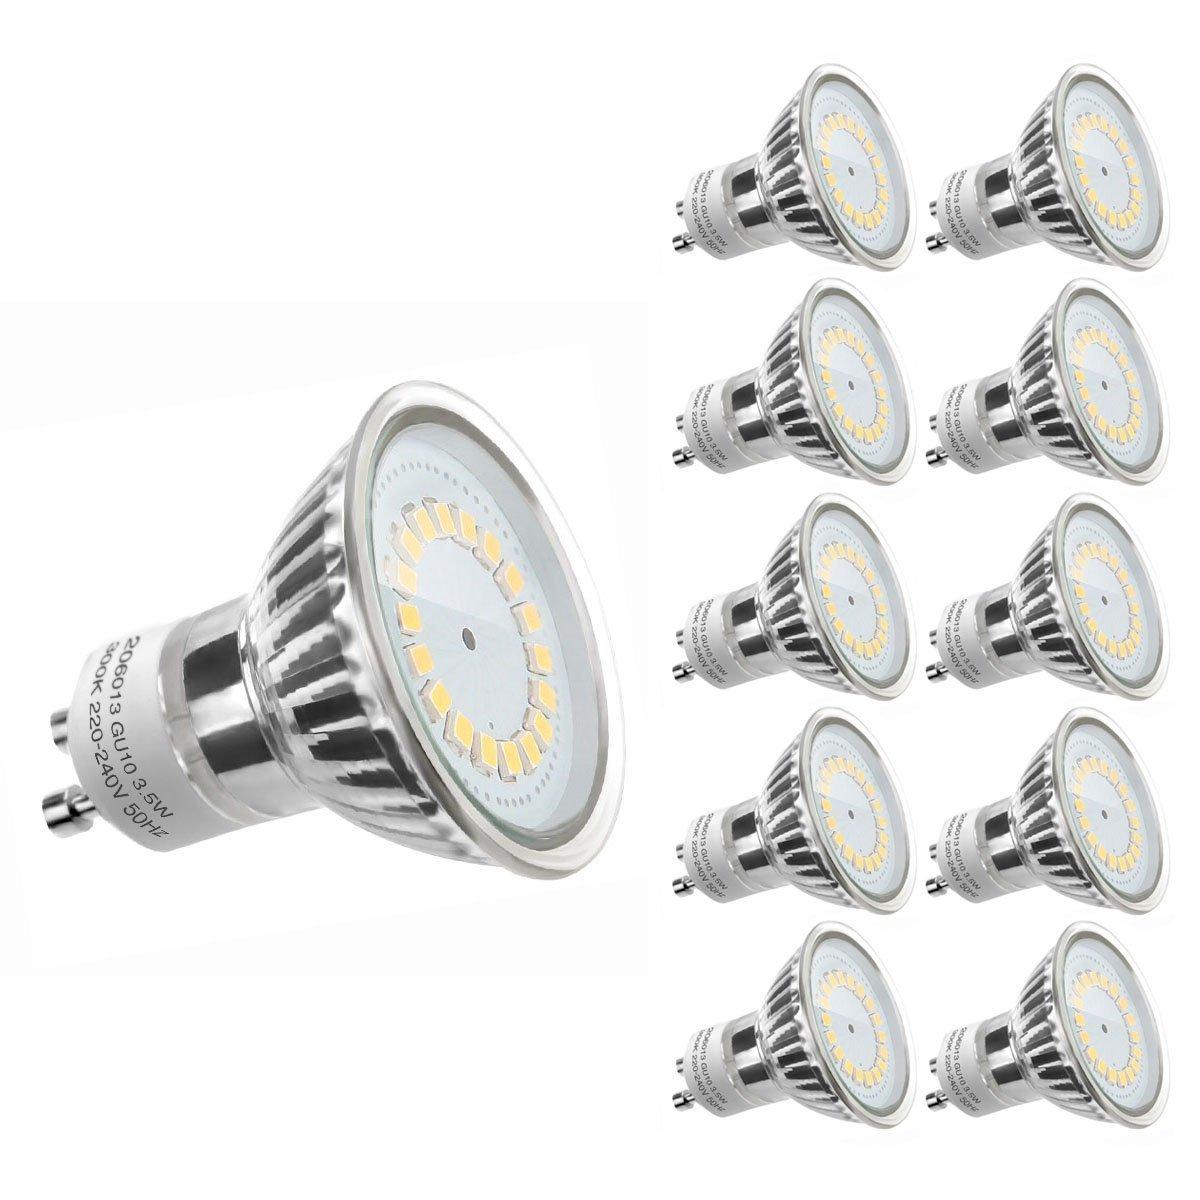 3,5W GU10 MR16 LED Spot, 350lm Leuchtmittel, Ersatz für 50W Halogen, Warmweiß, 10er Pack